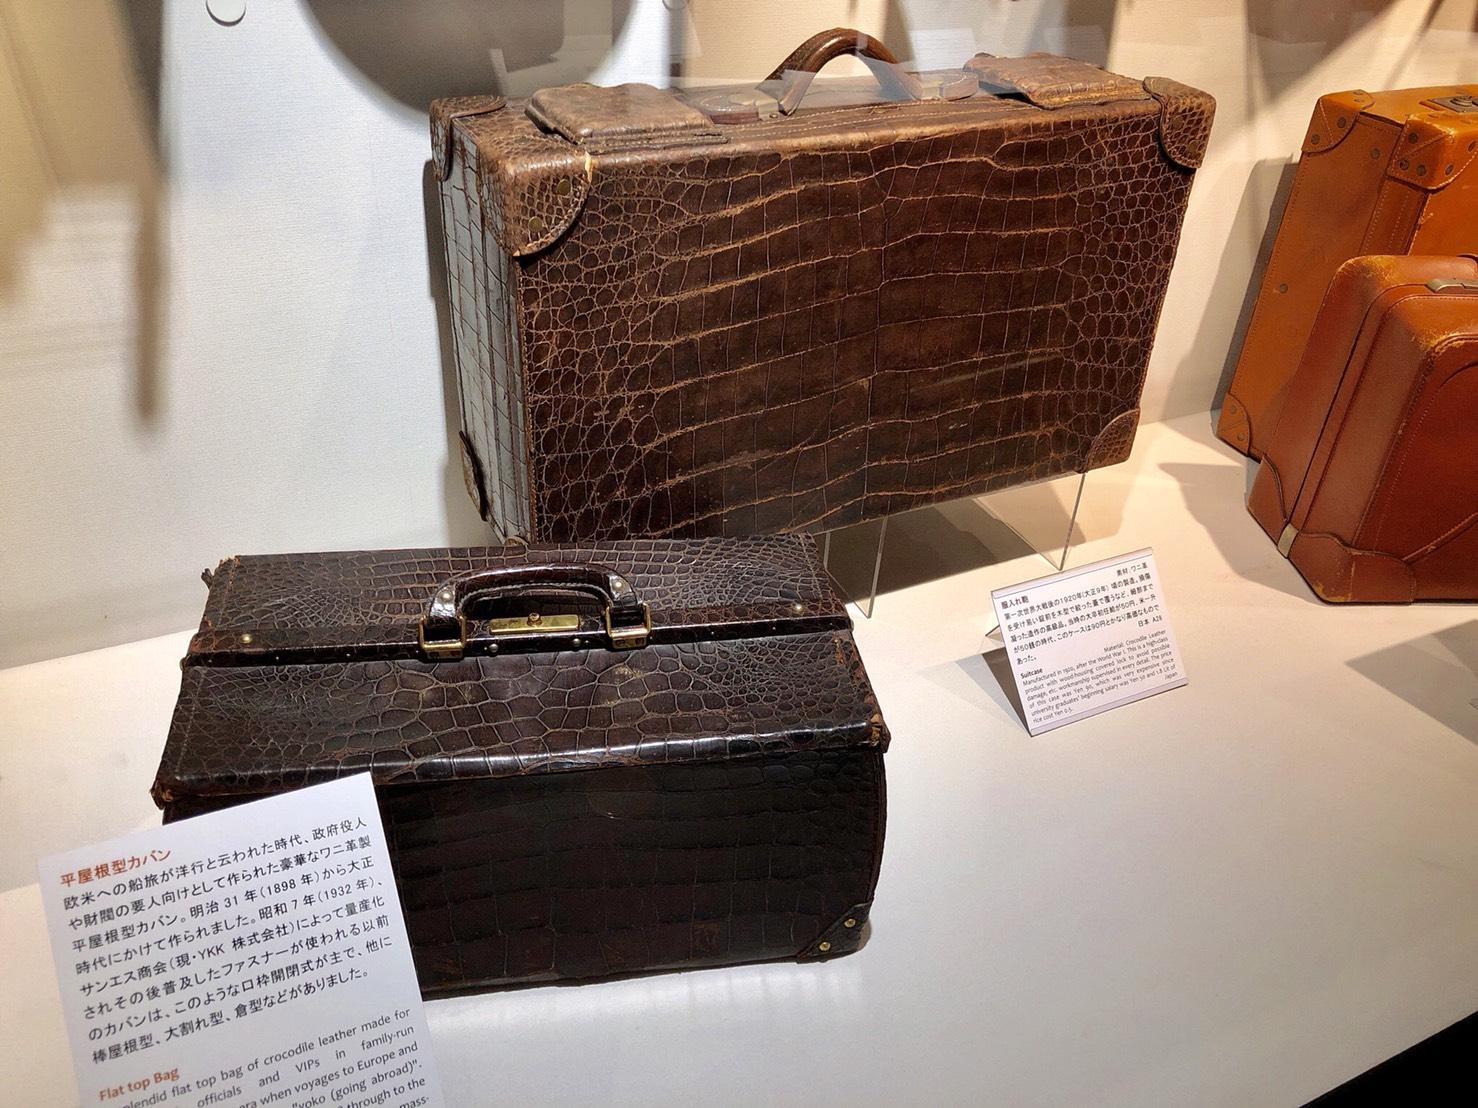 ワニ皮が使われた明治期の鞄(日本)